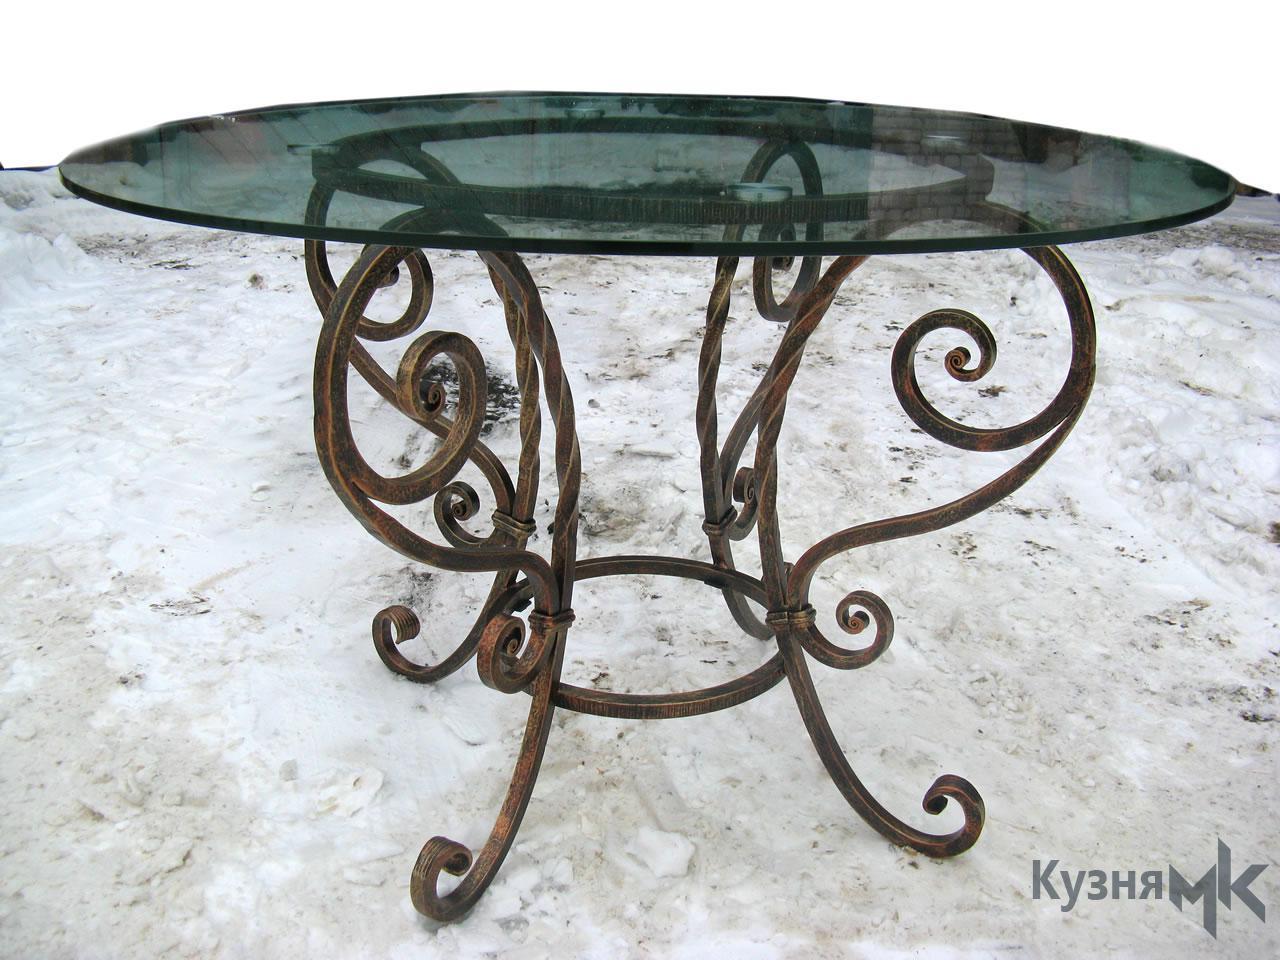 Кований стіл для кухні